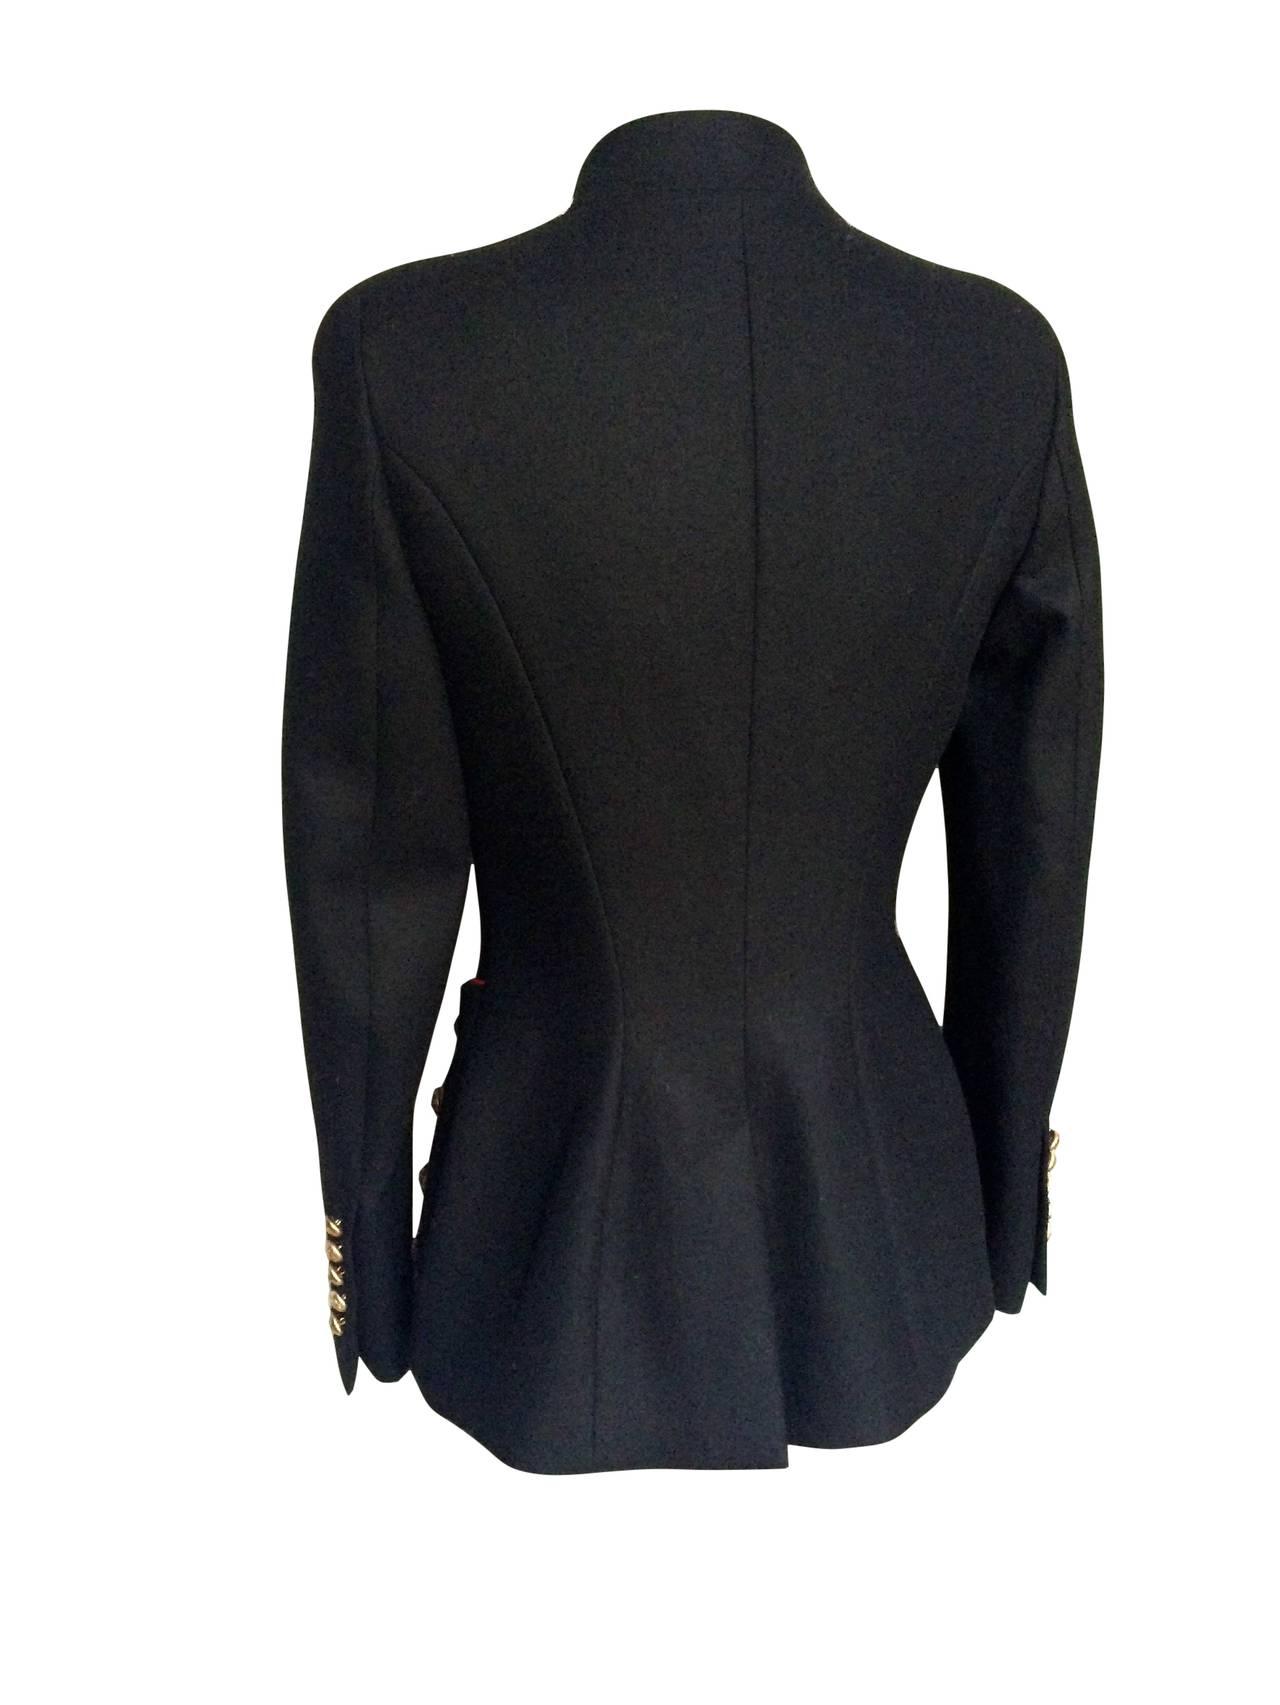 2011 Alexander McQueen Wool Jacket For Sale 3